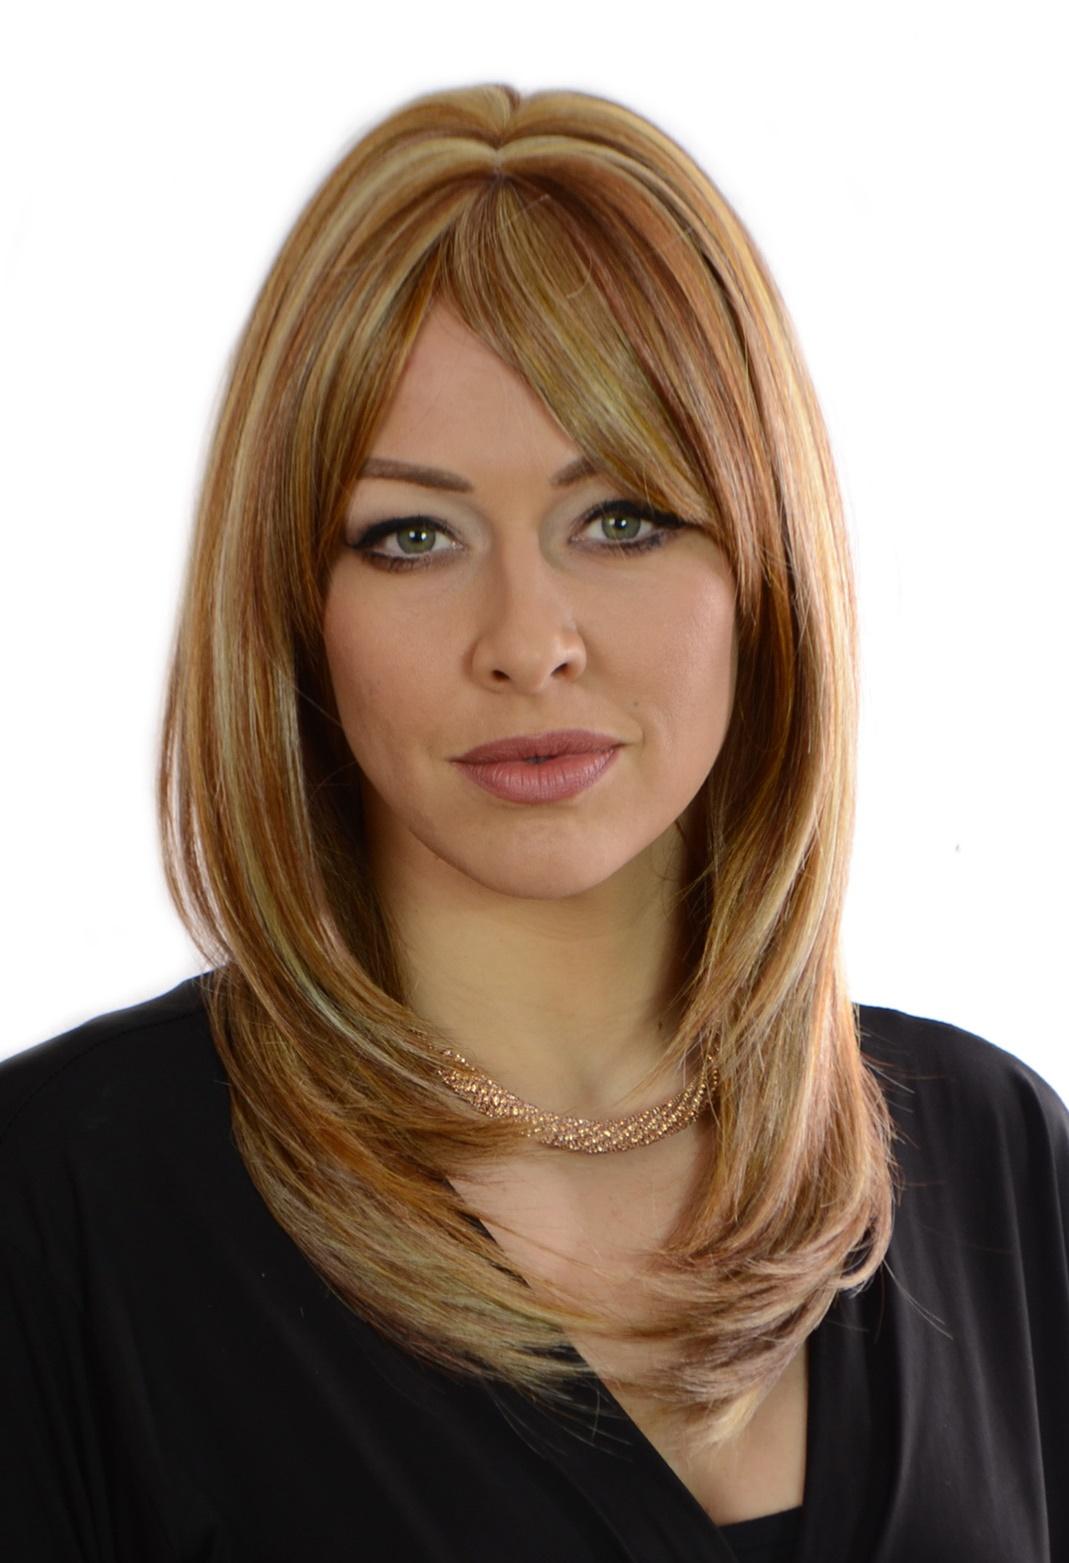 Natural Redhead with Bangs Wig